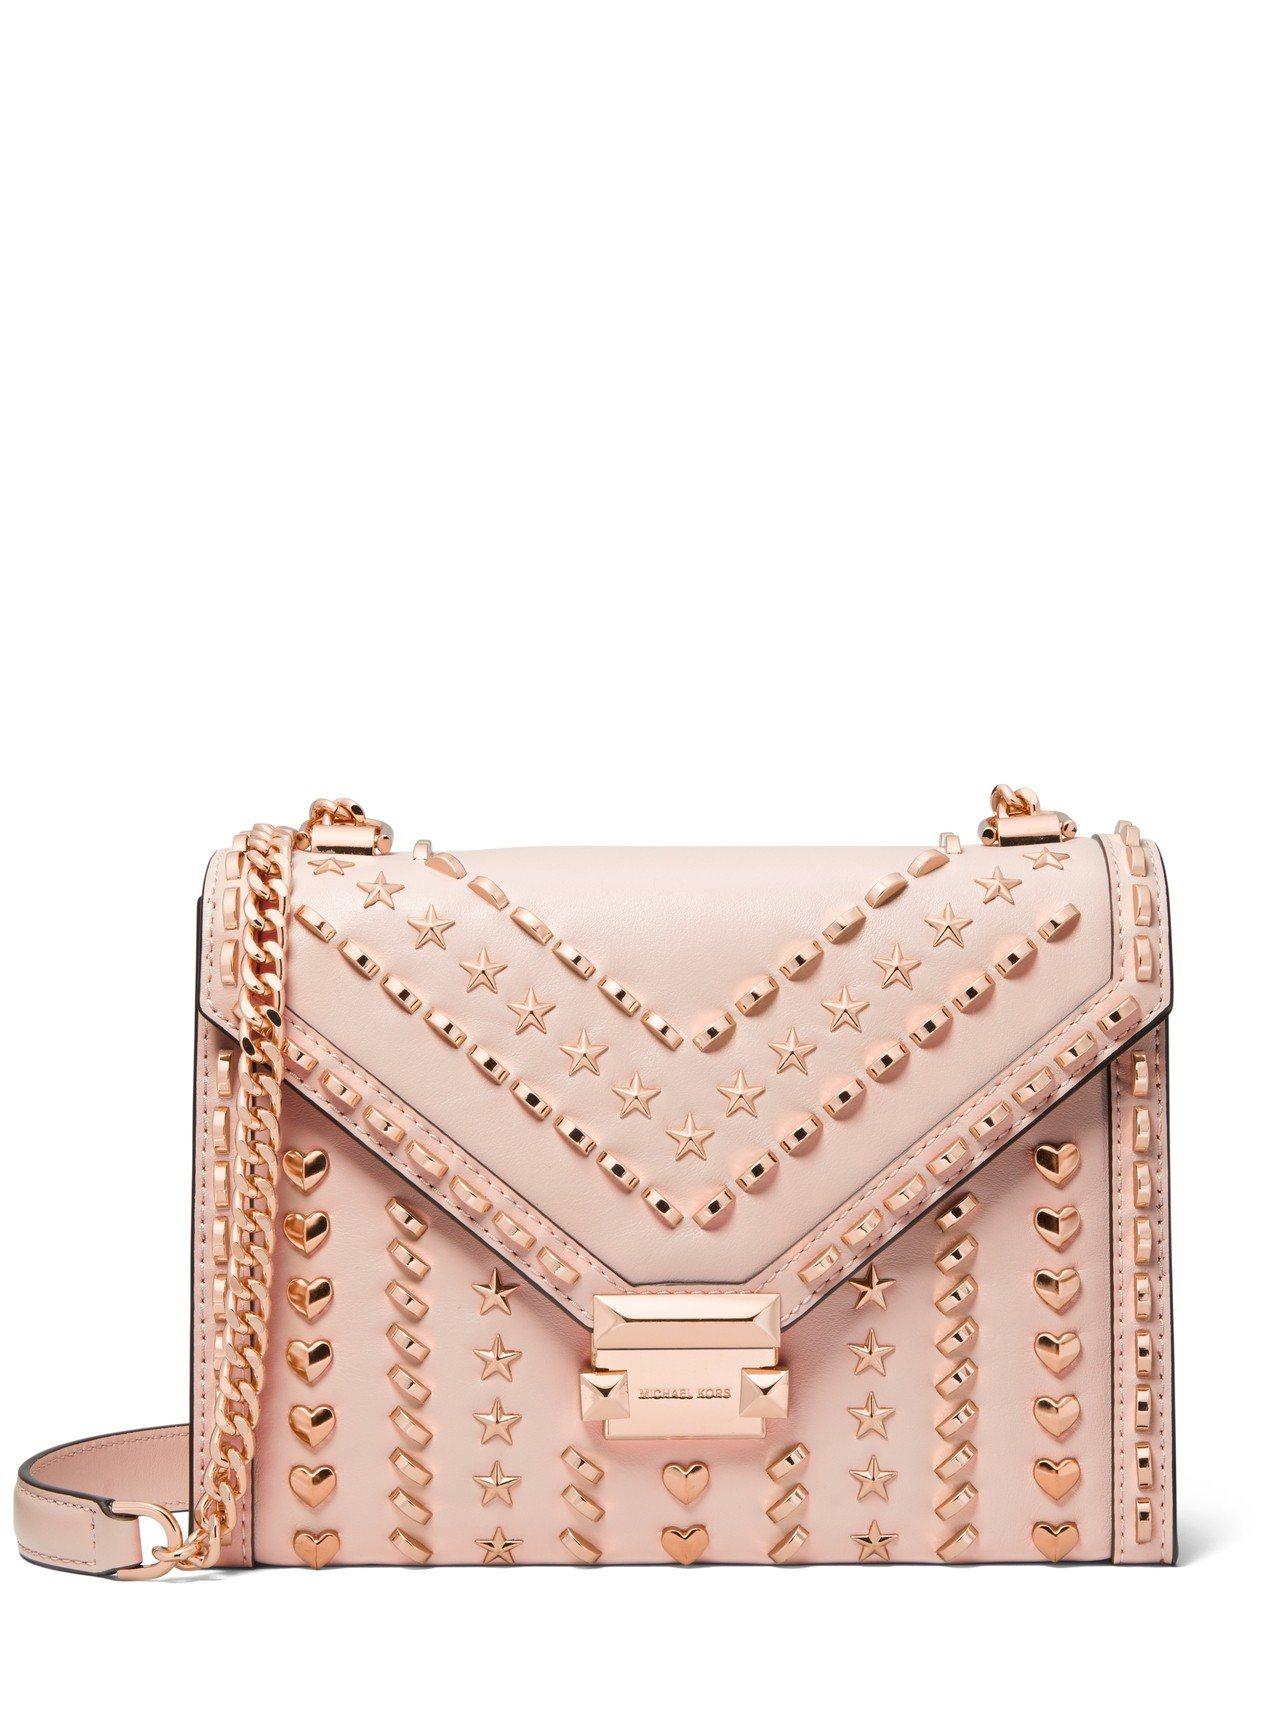 粉色Whitney鉚釘鍊帶包即將於台灣限量登場,售價22,000元。圖/MICH...